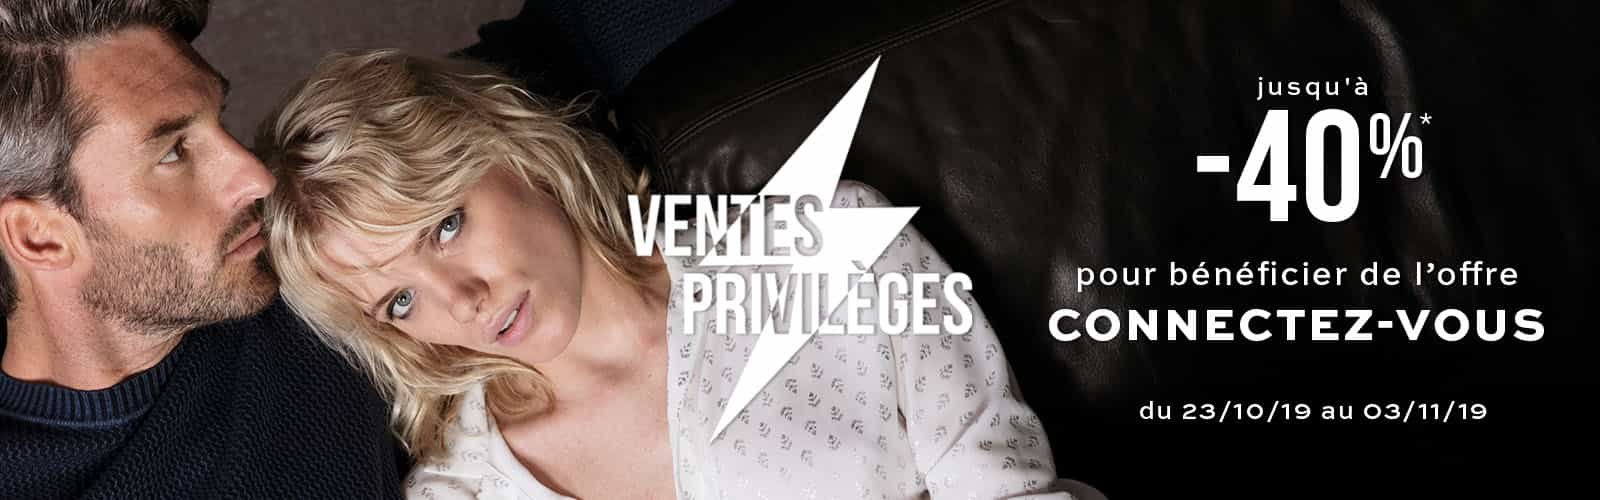 Ventes Privilèges